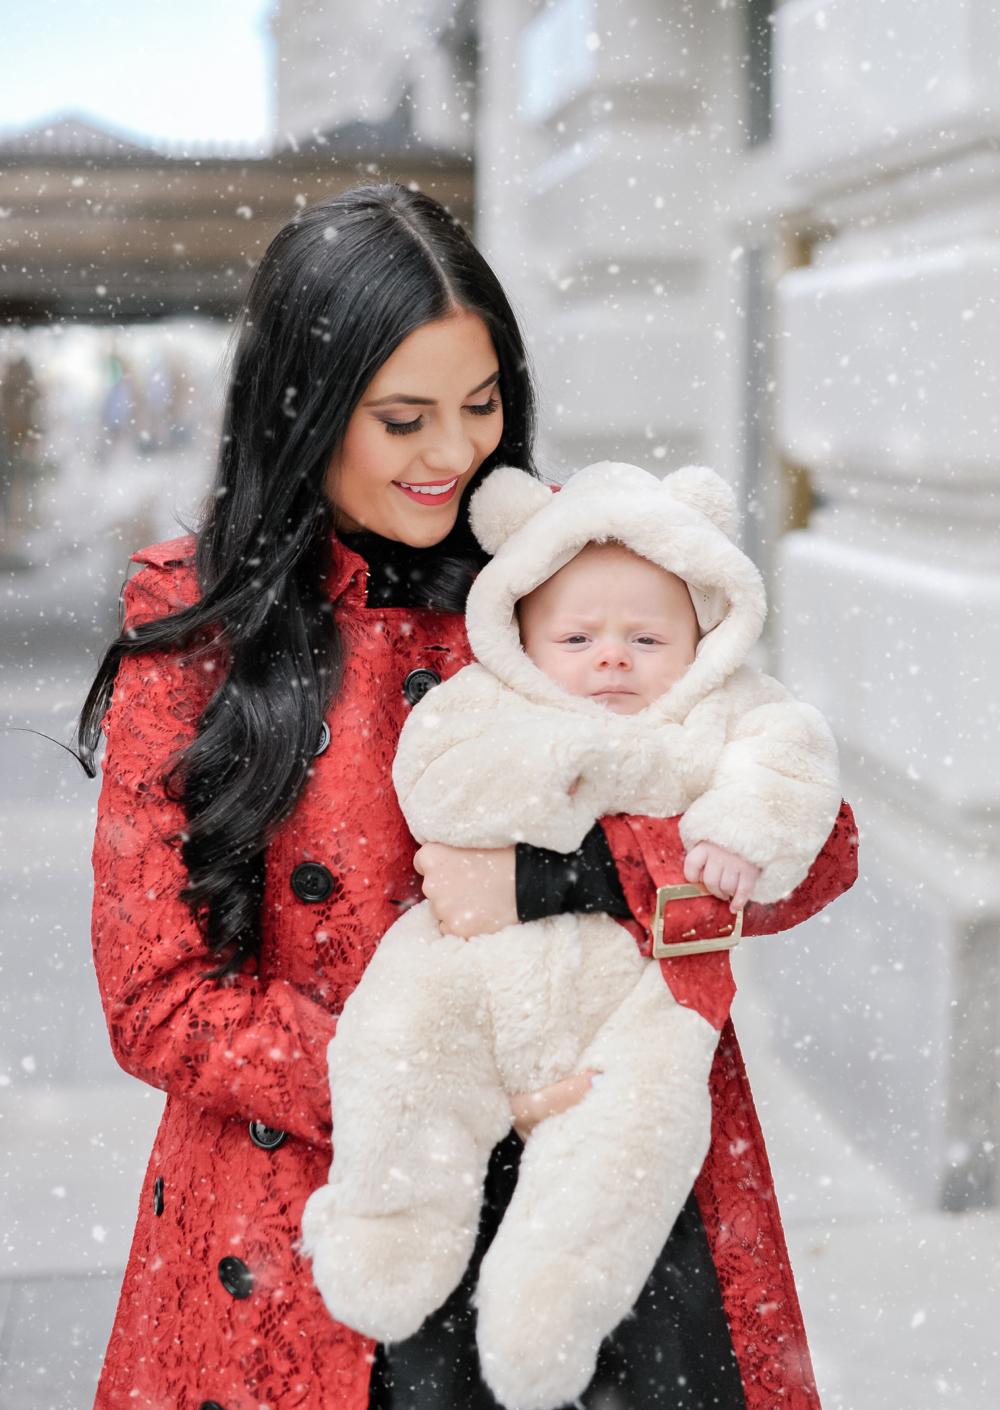 family-christmas-card-photos-ideas-2